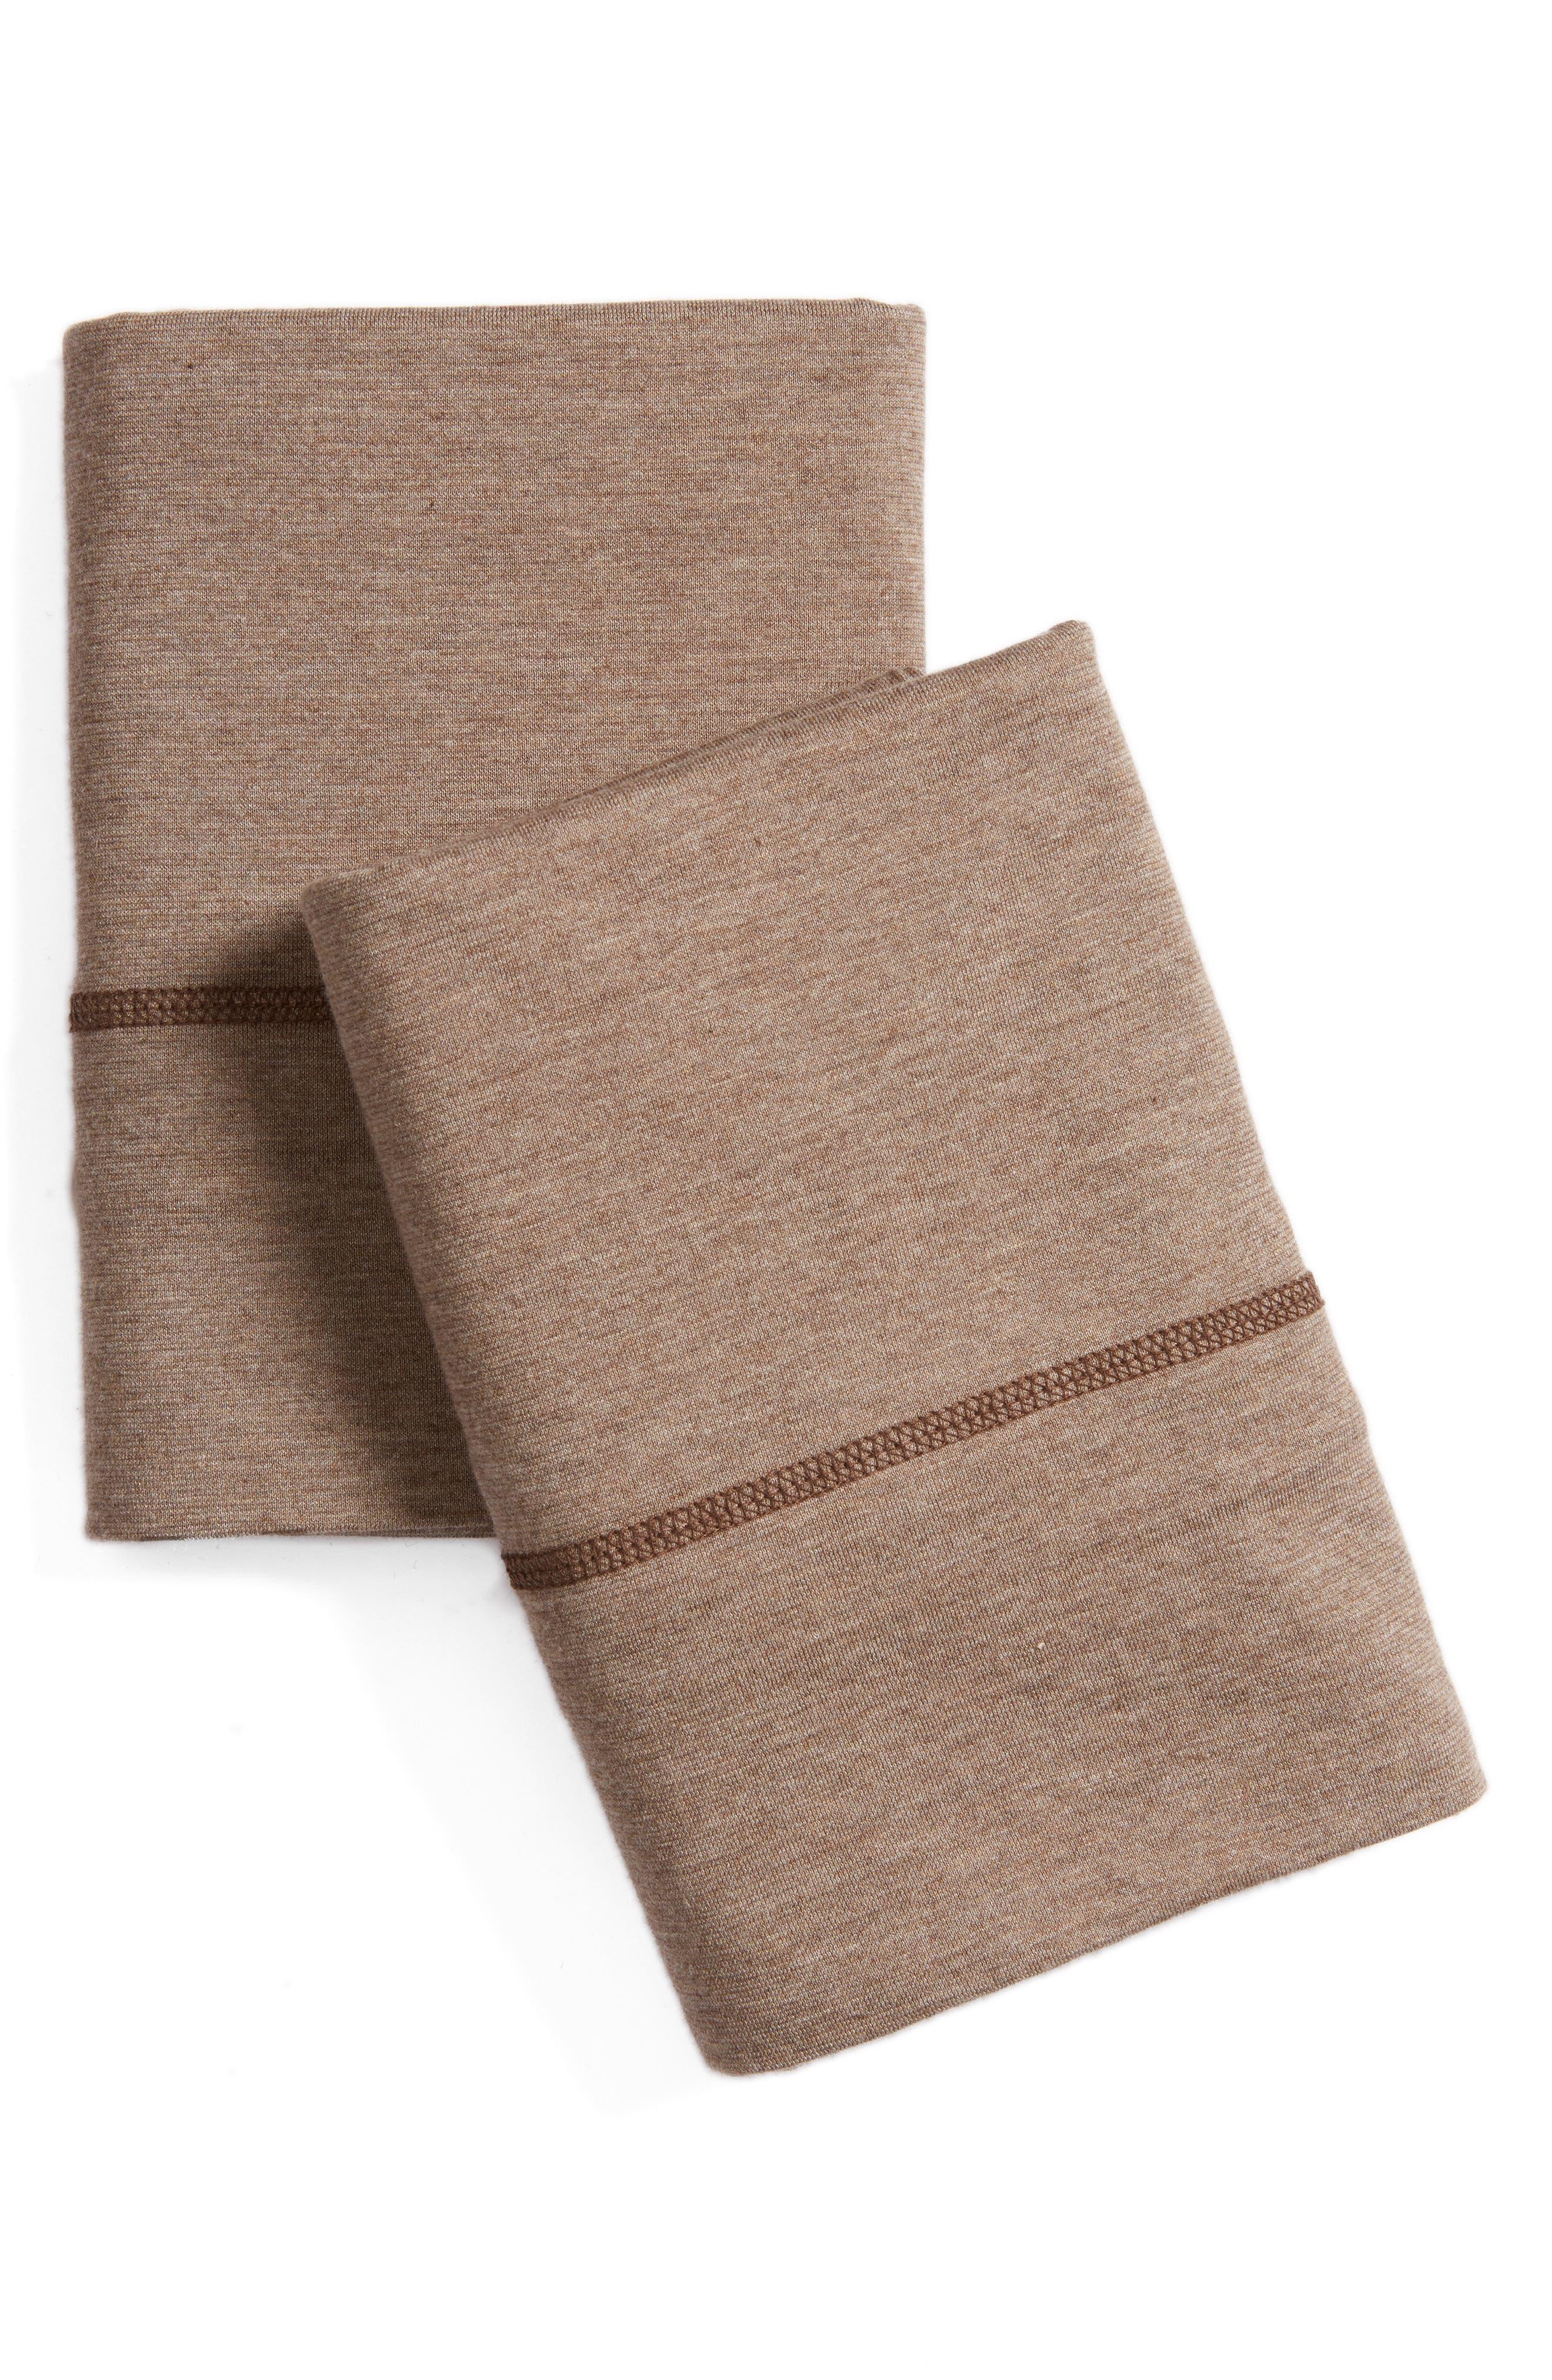 Alternate Image 1 Selected - Calvin Klein Home Cotton & Modal Jersey Pillowcases